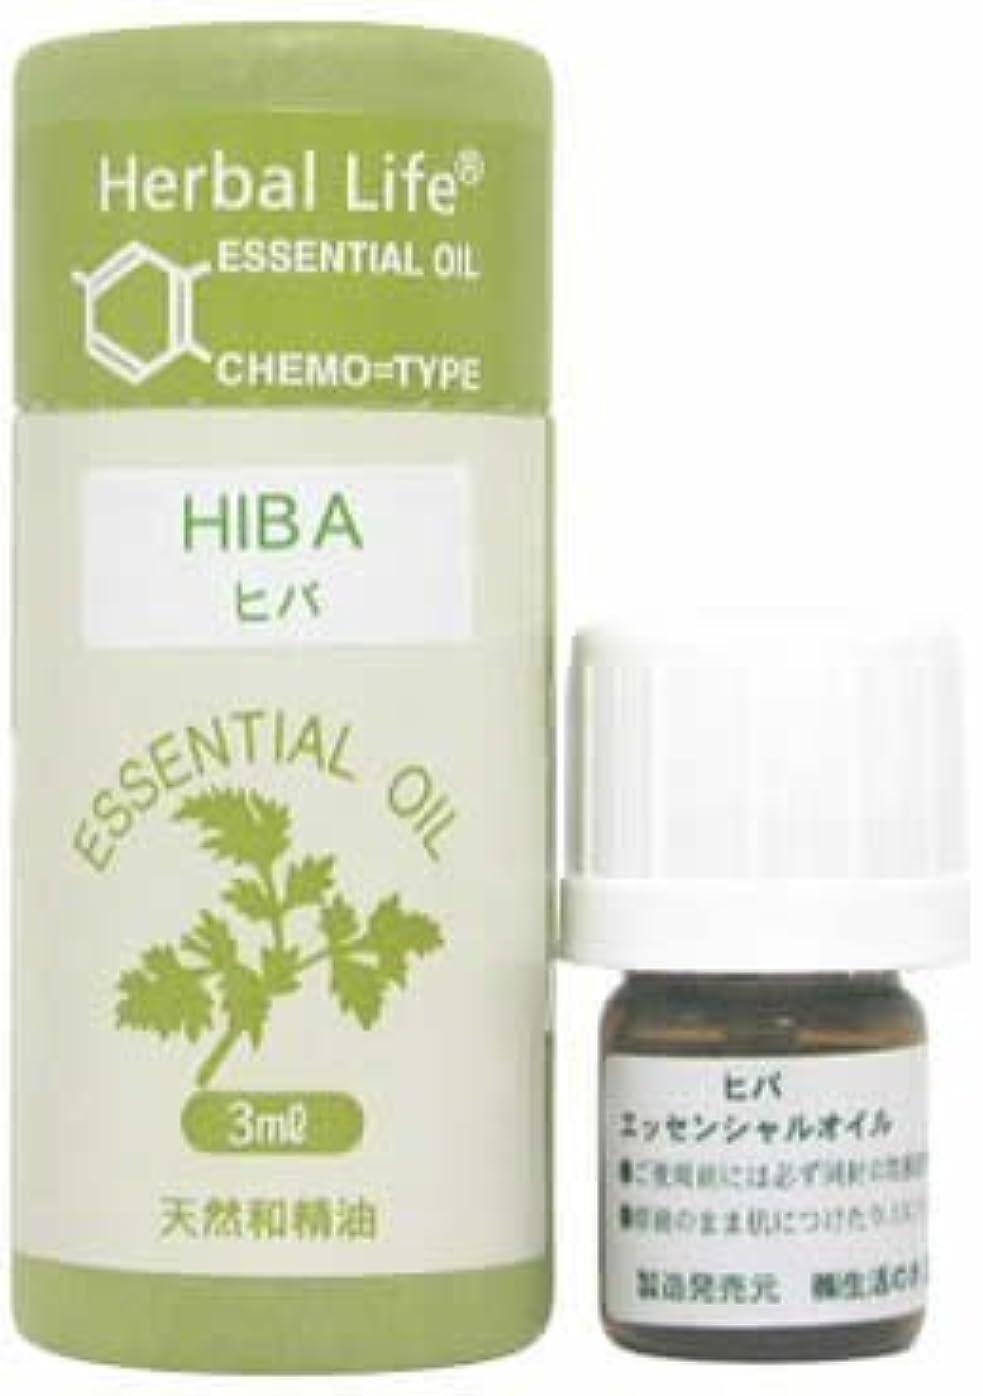 保安異邦人星Herbal Life ヒバ 3ml